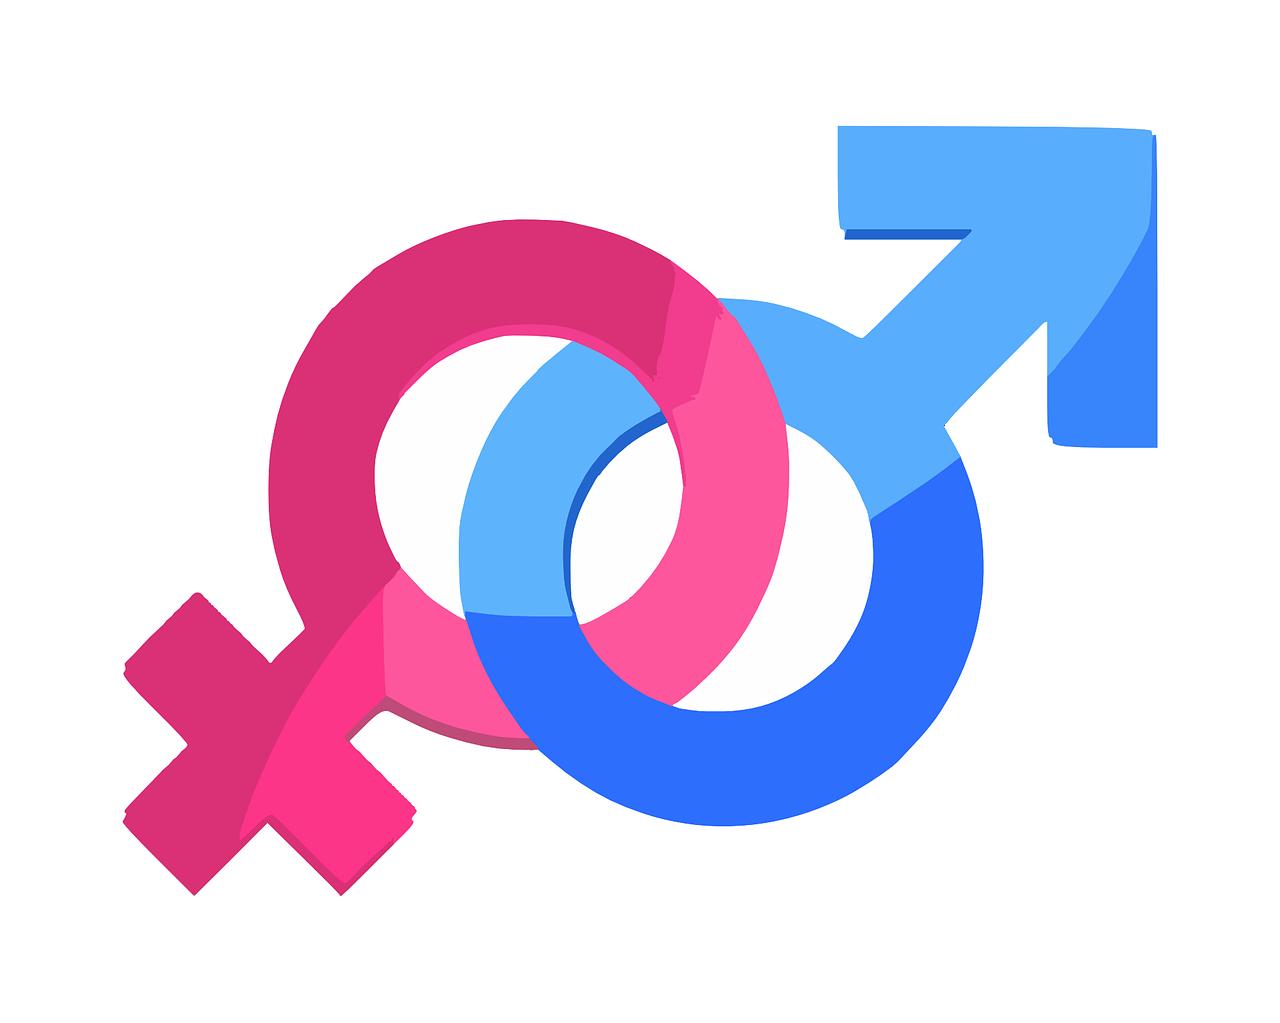 simboli maschio e femmina